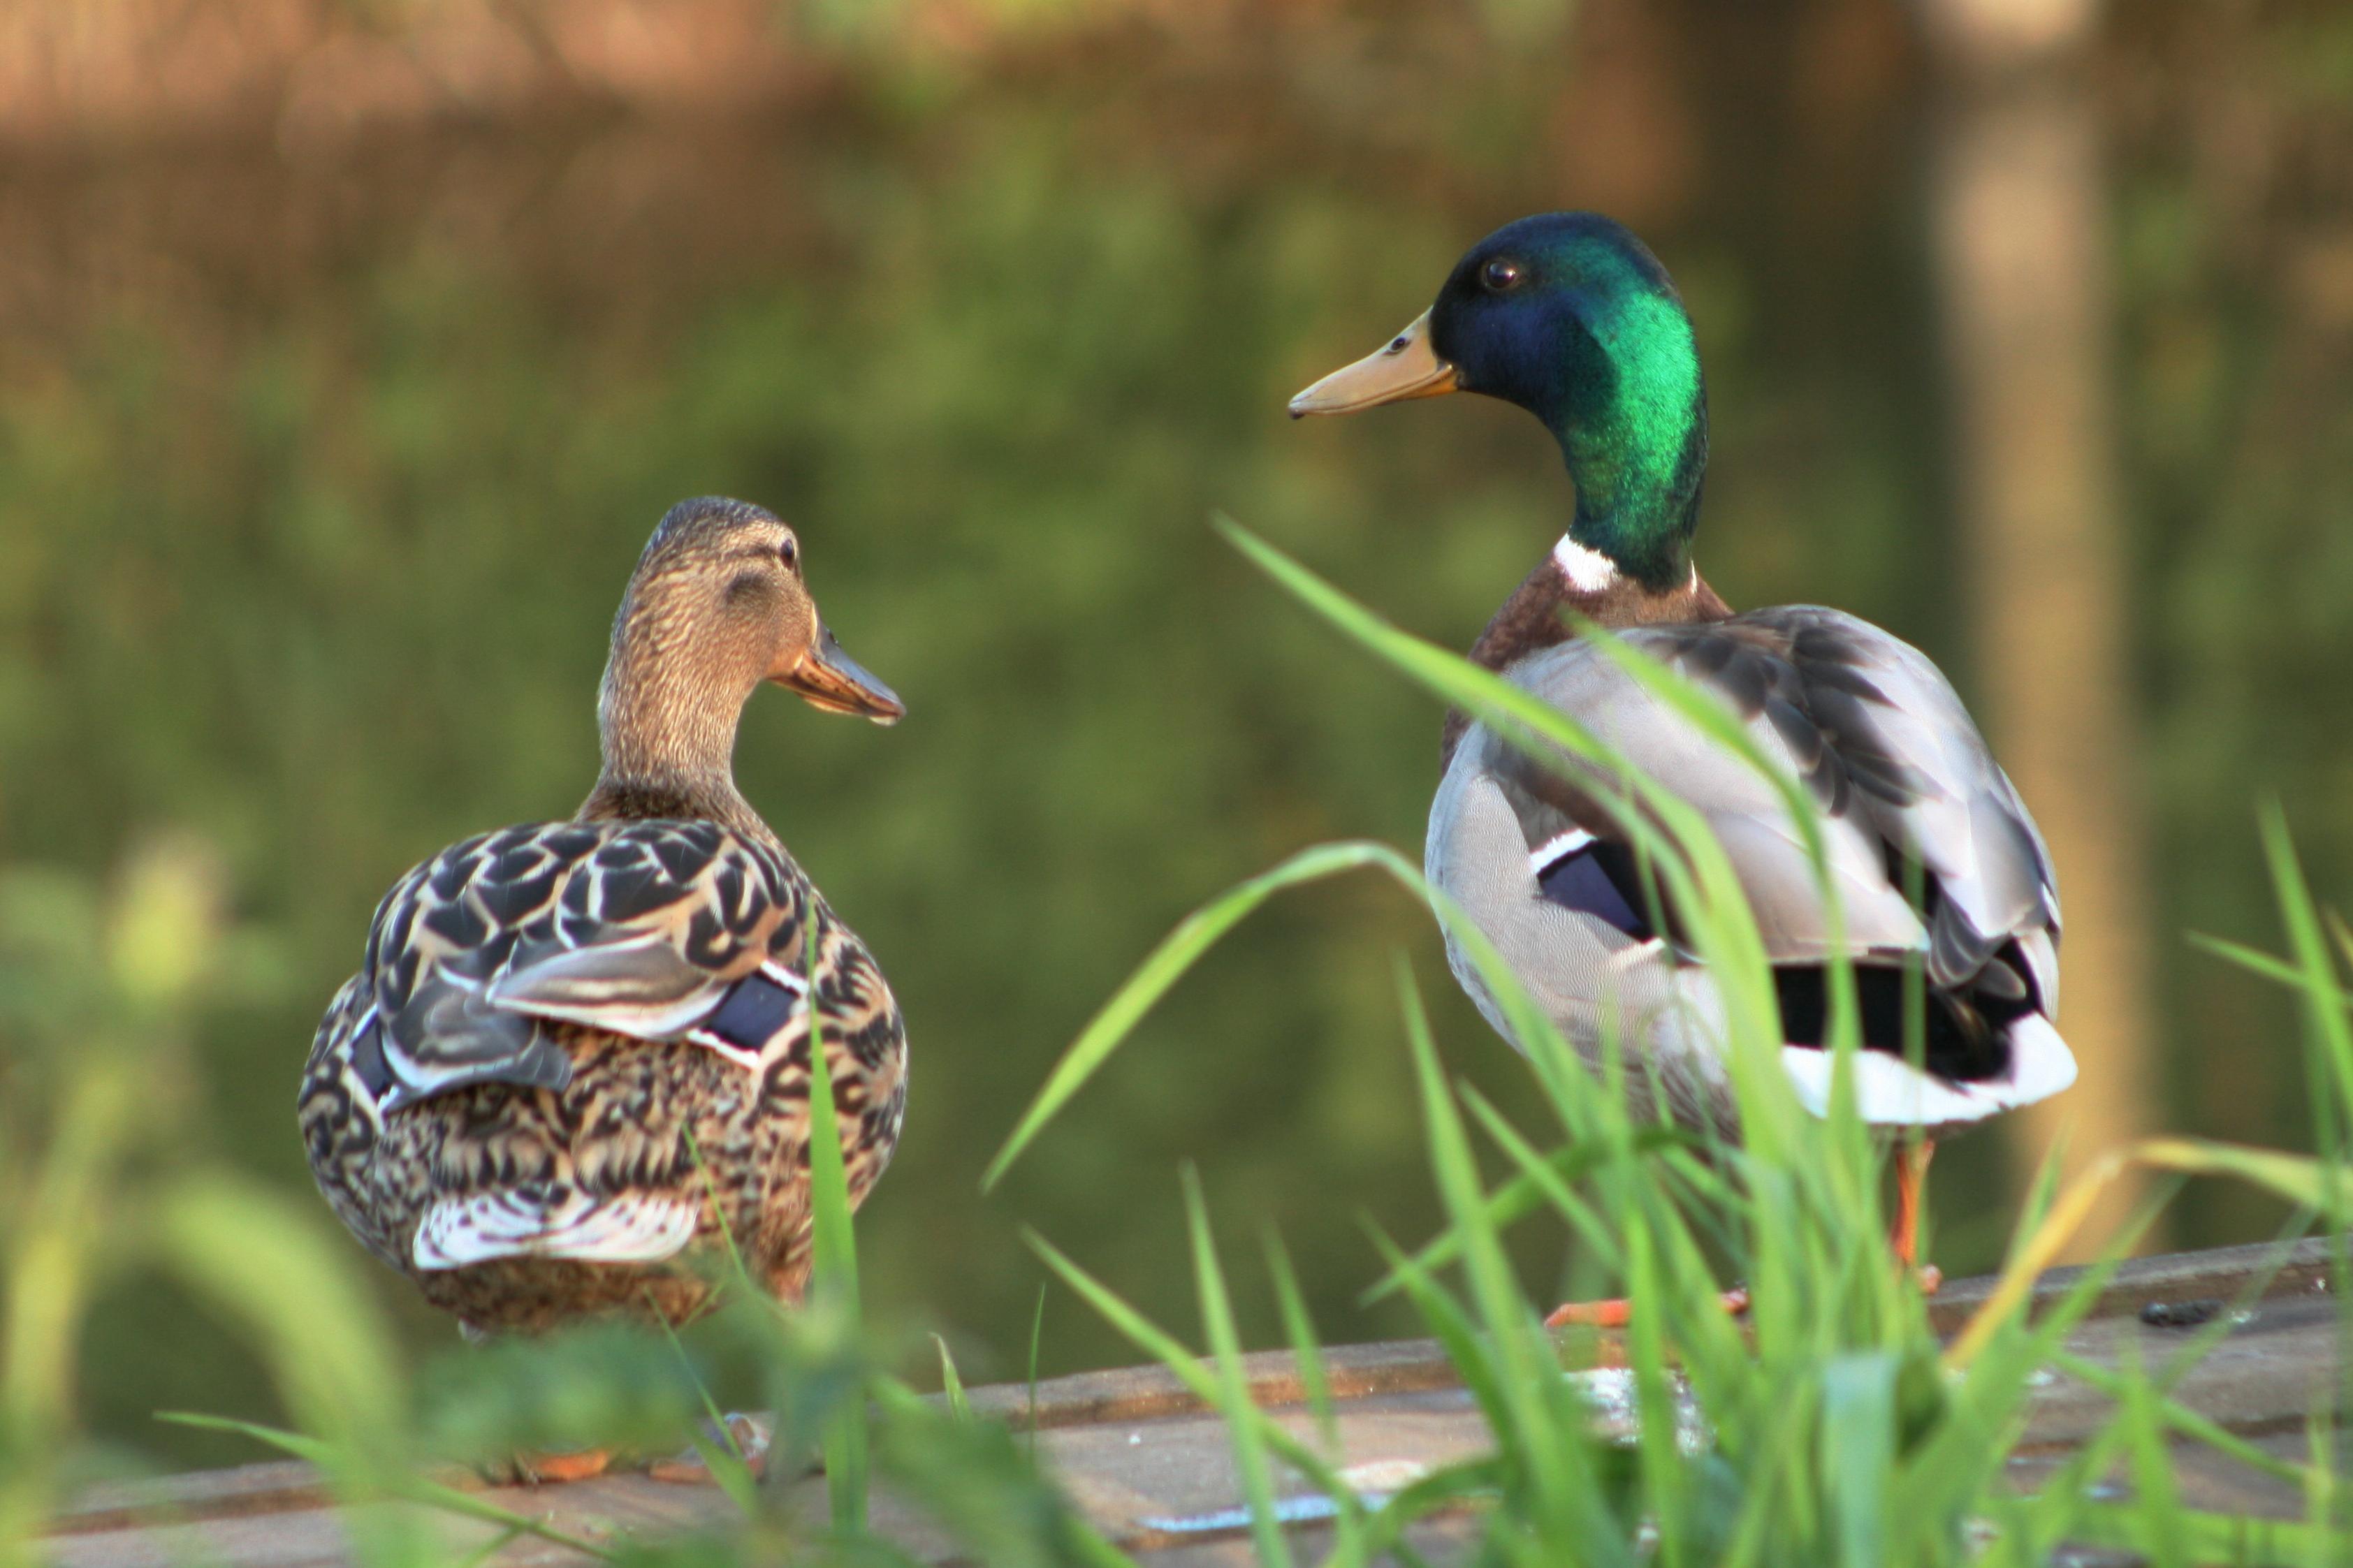 Ducks at Bredon Marina